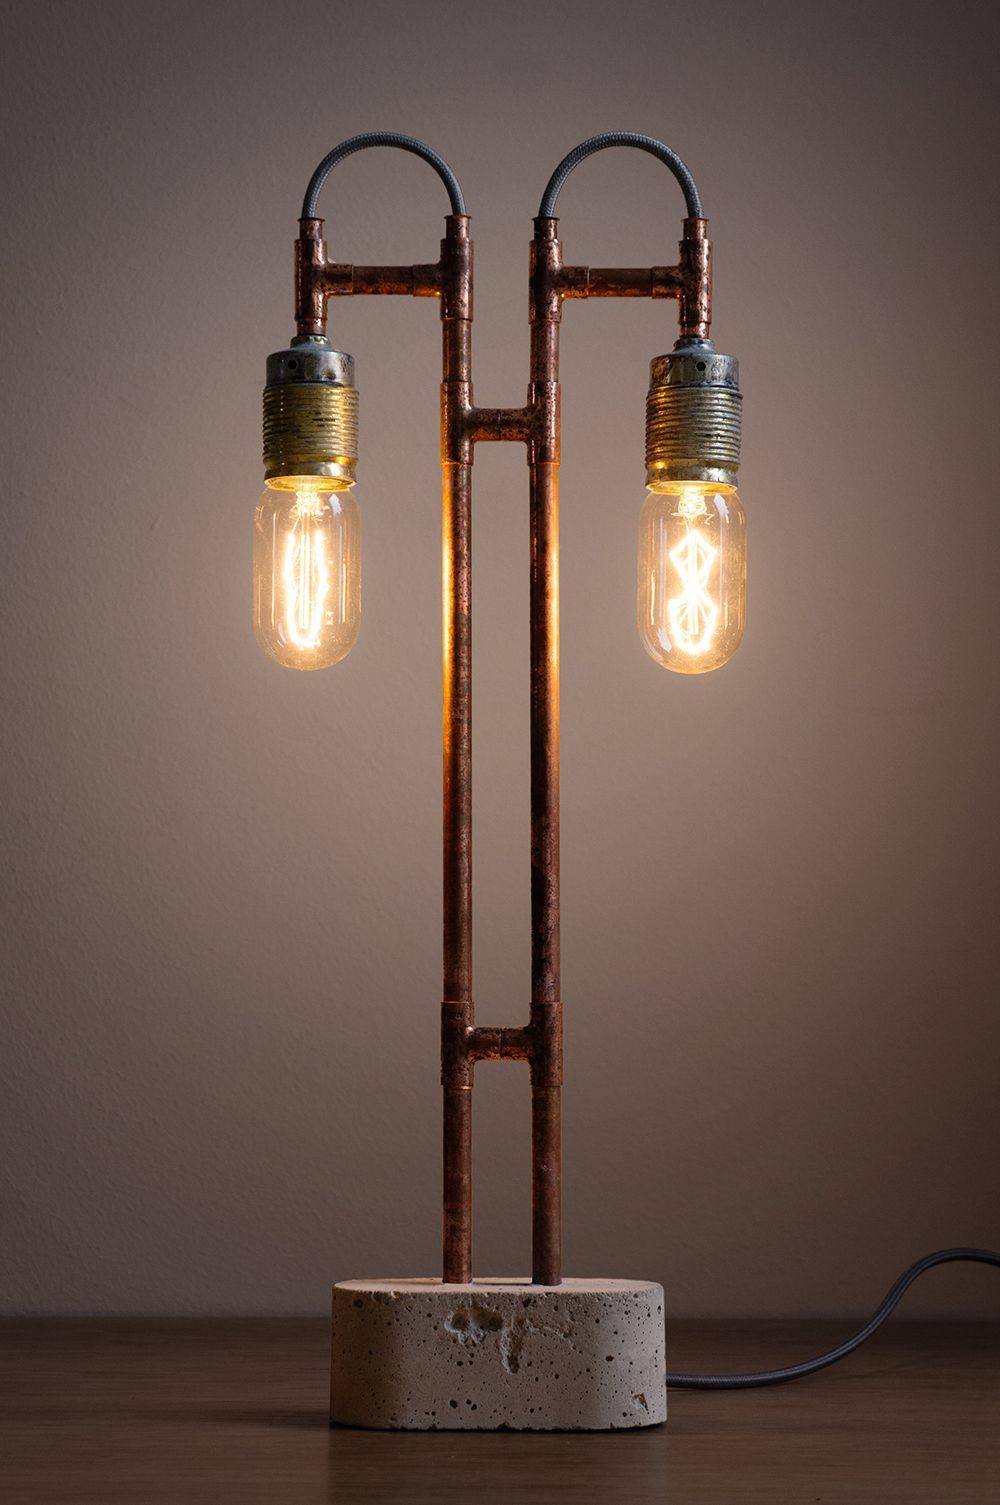 Industriële lamp gemaakt met koperen buizen en beton